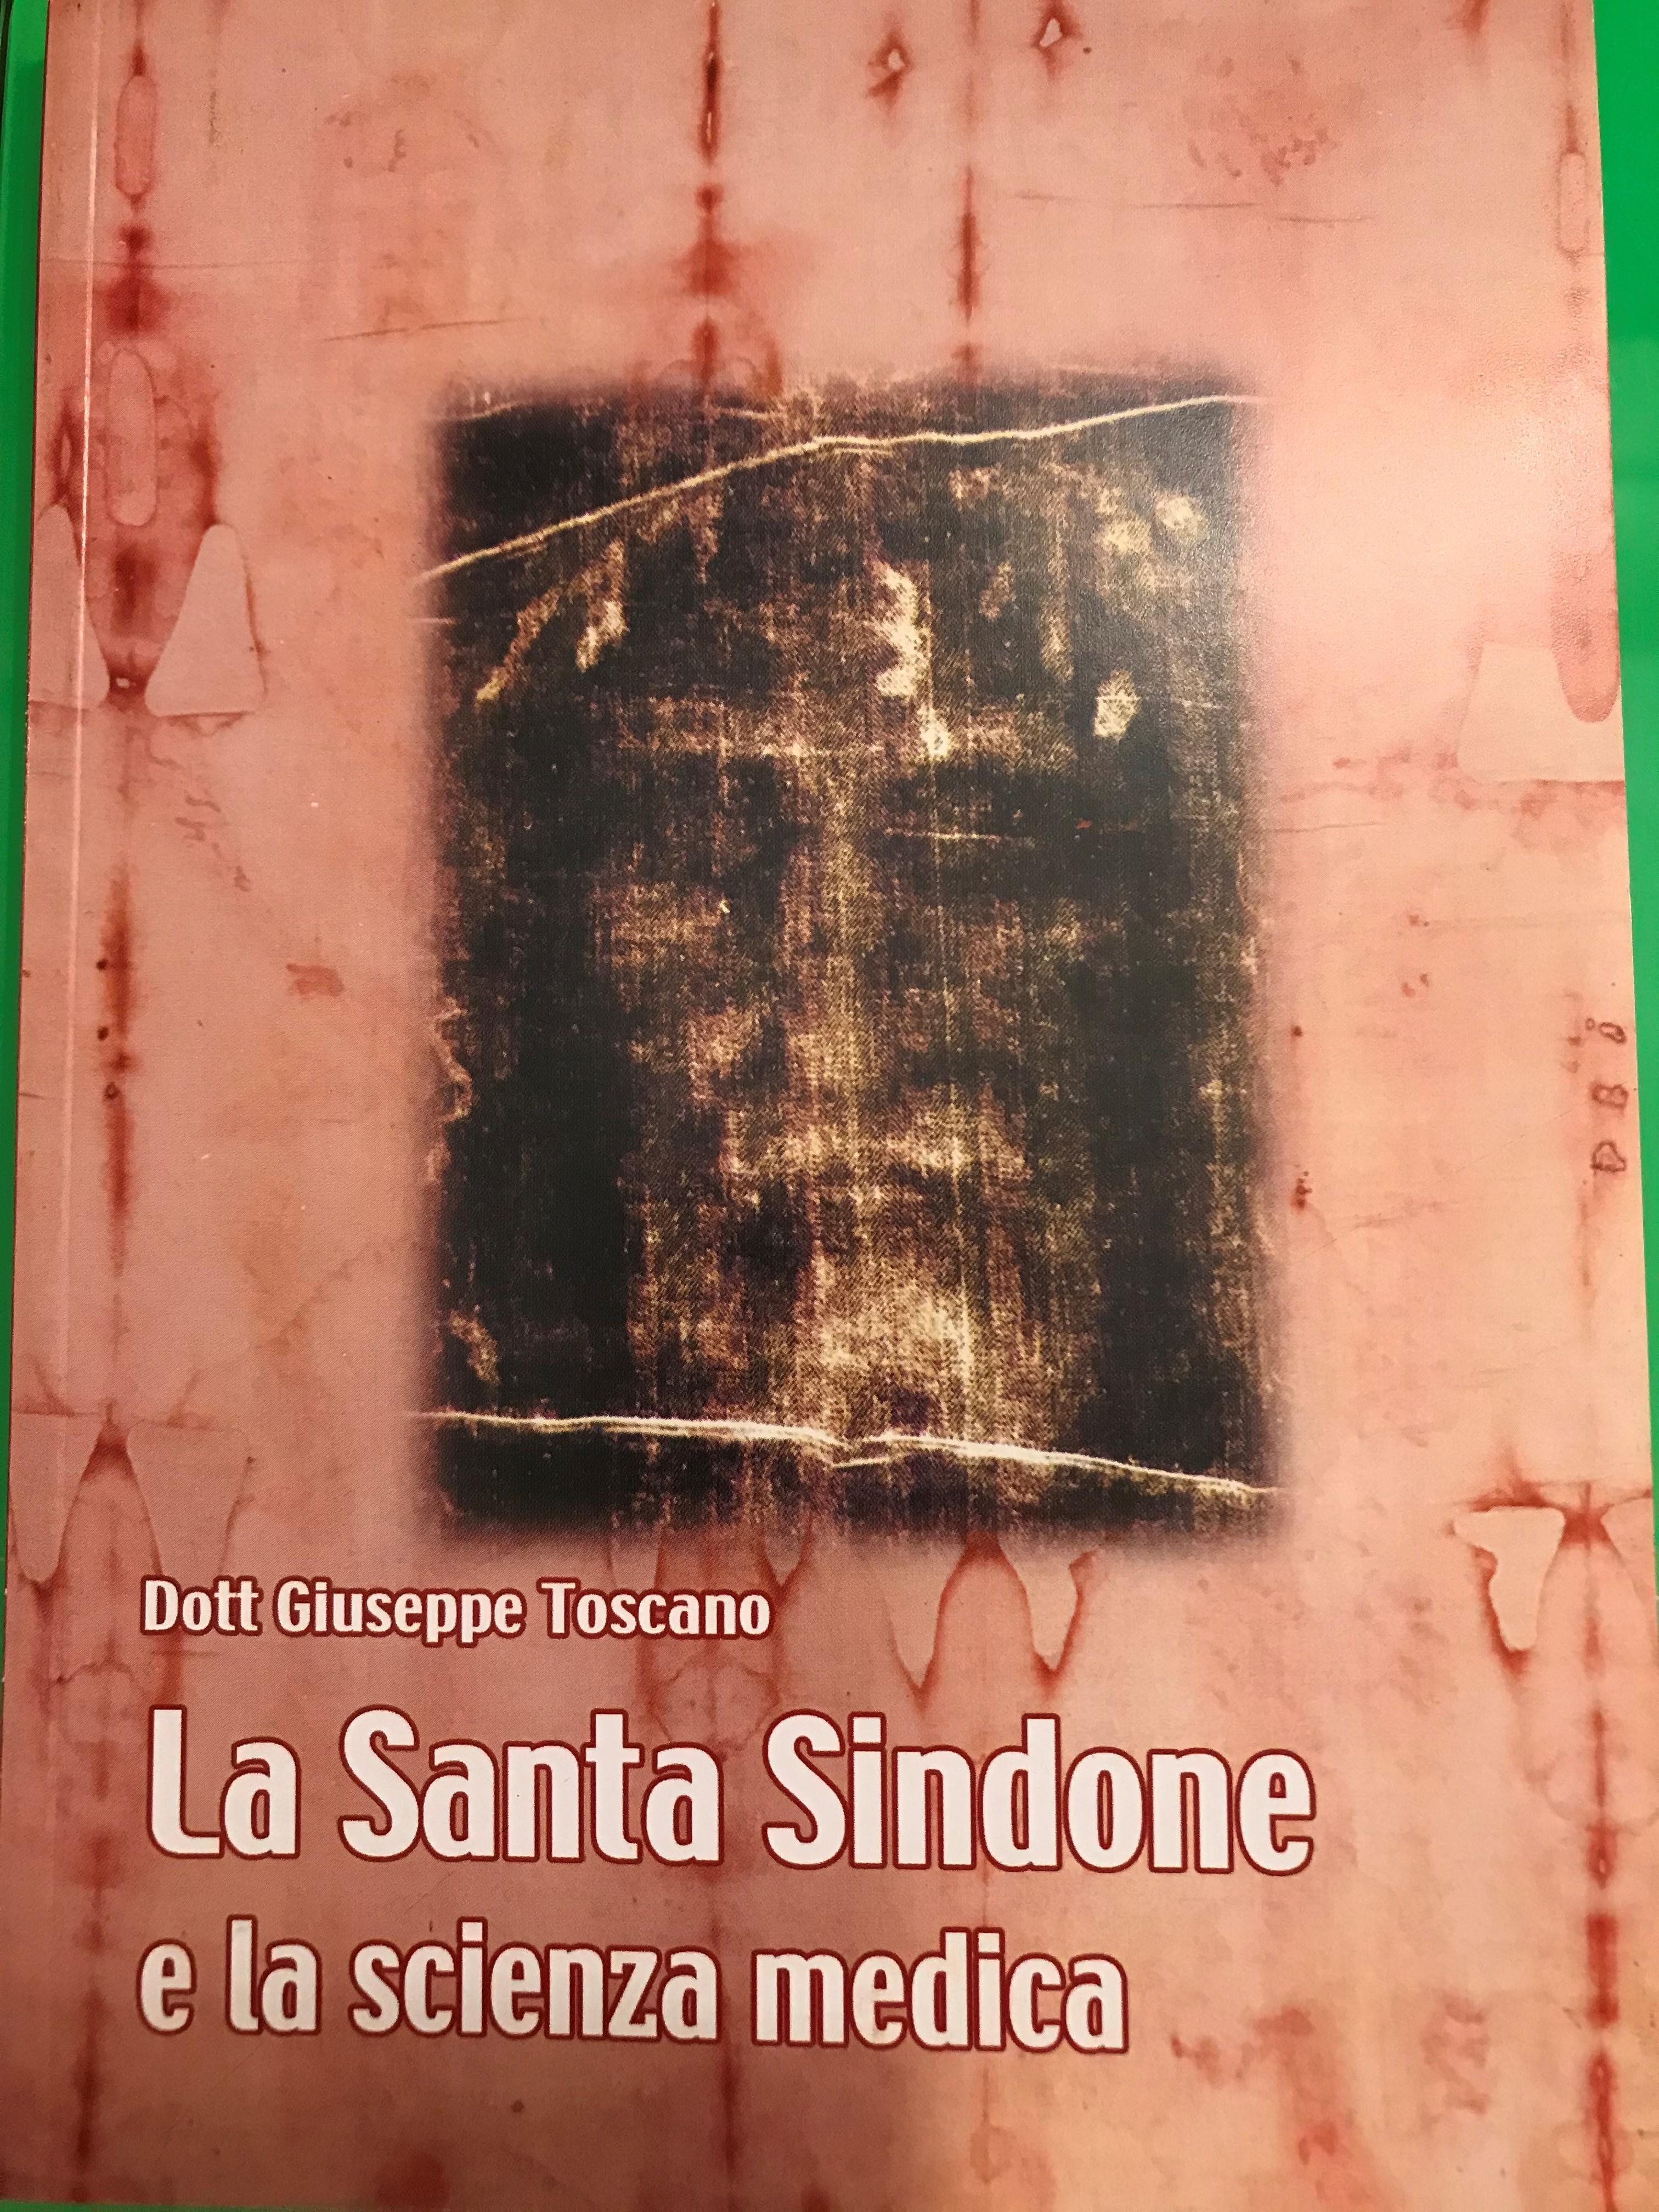 La Santa Sindone e la scienza medica